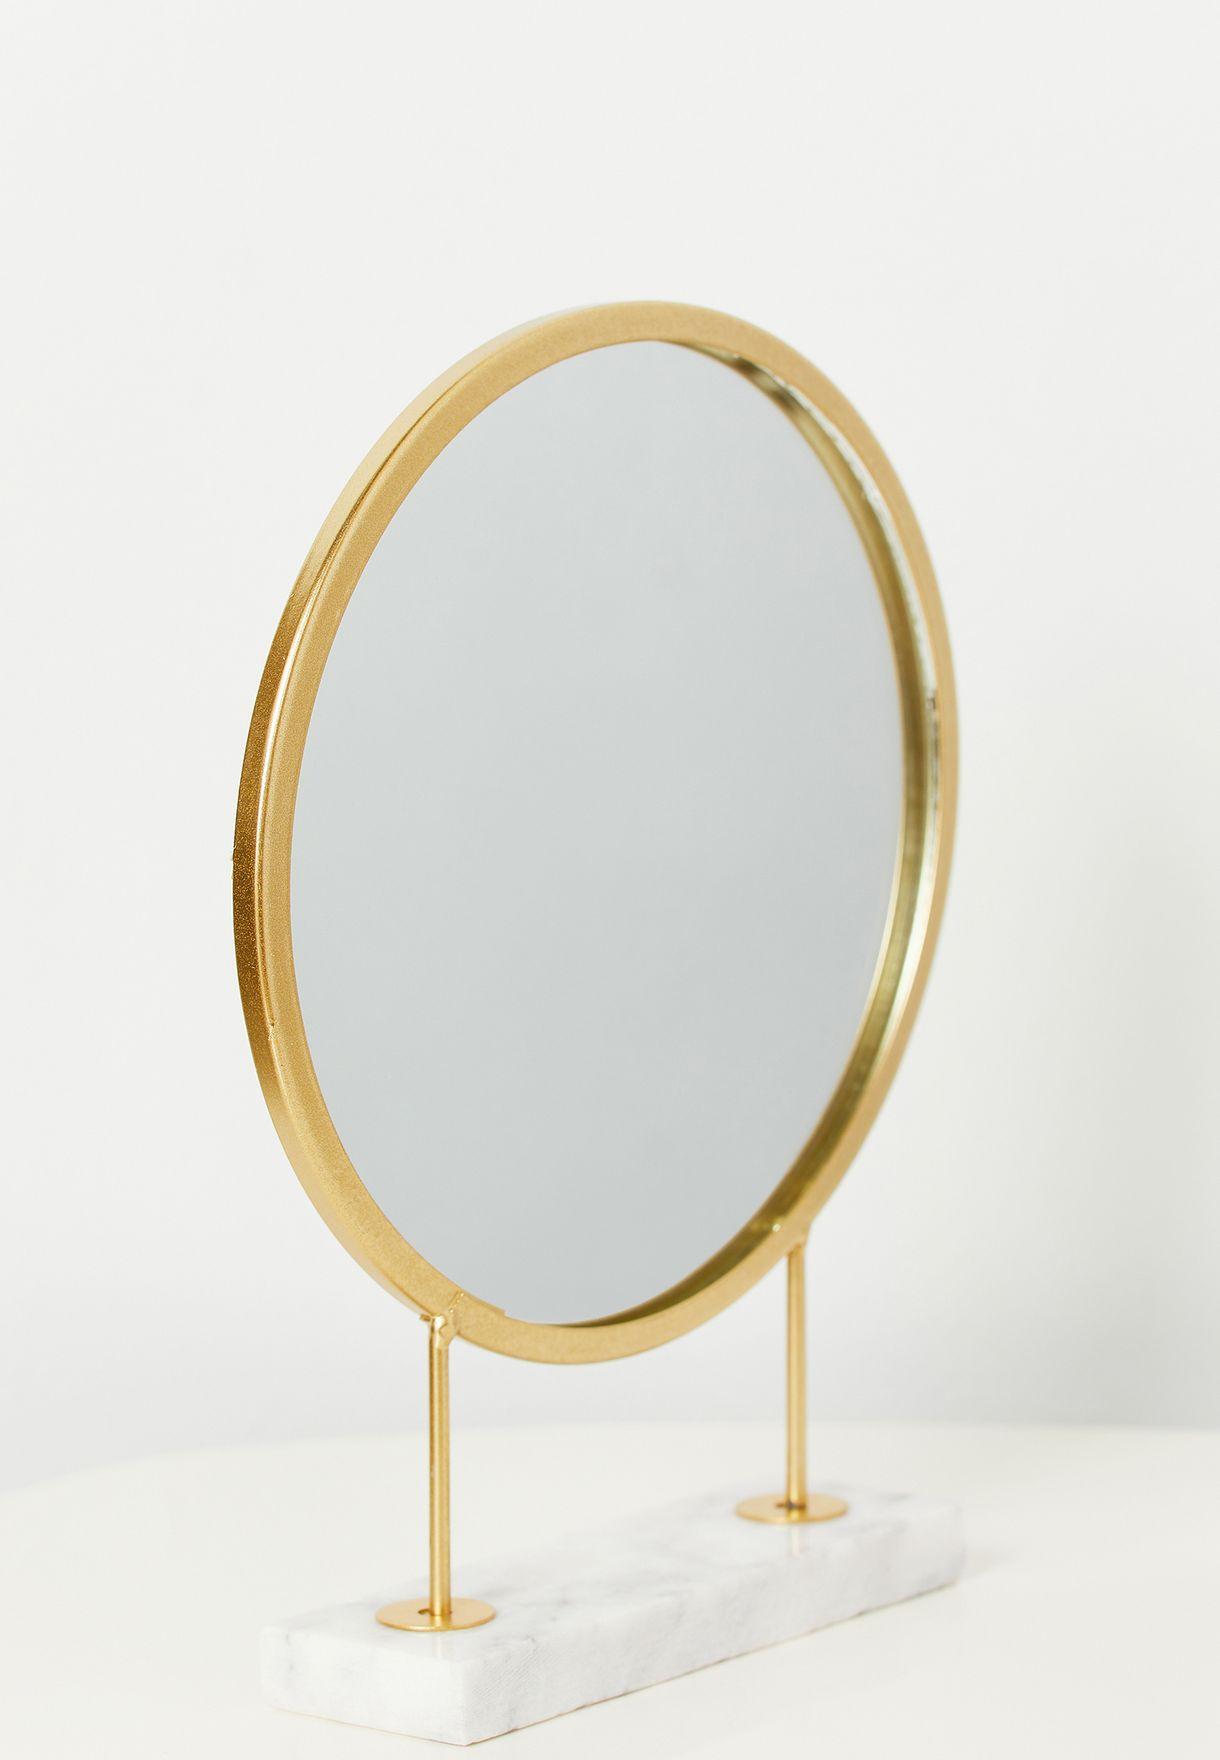 مرآة دائرية انيقة